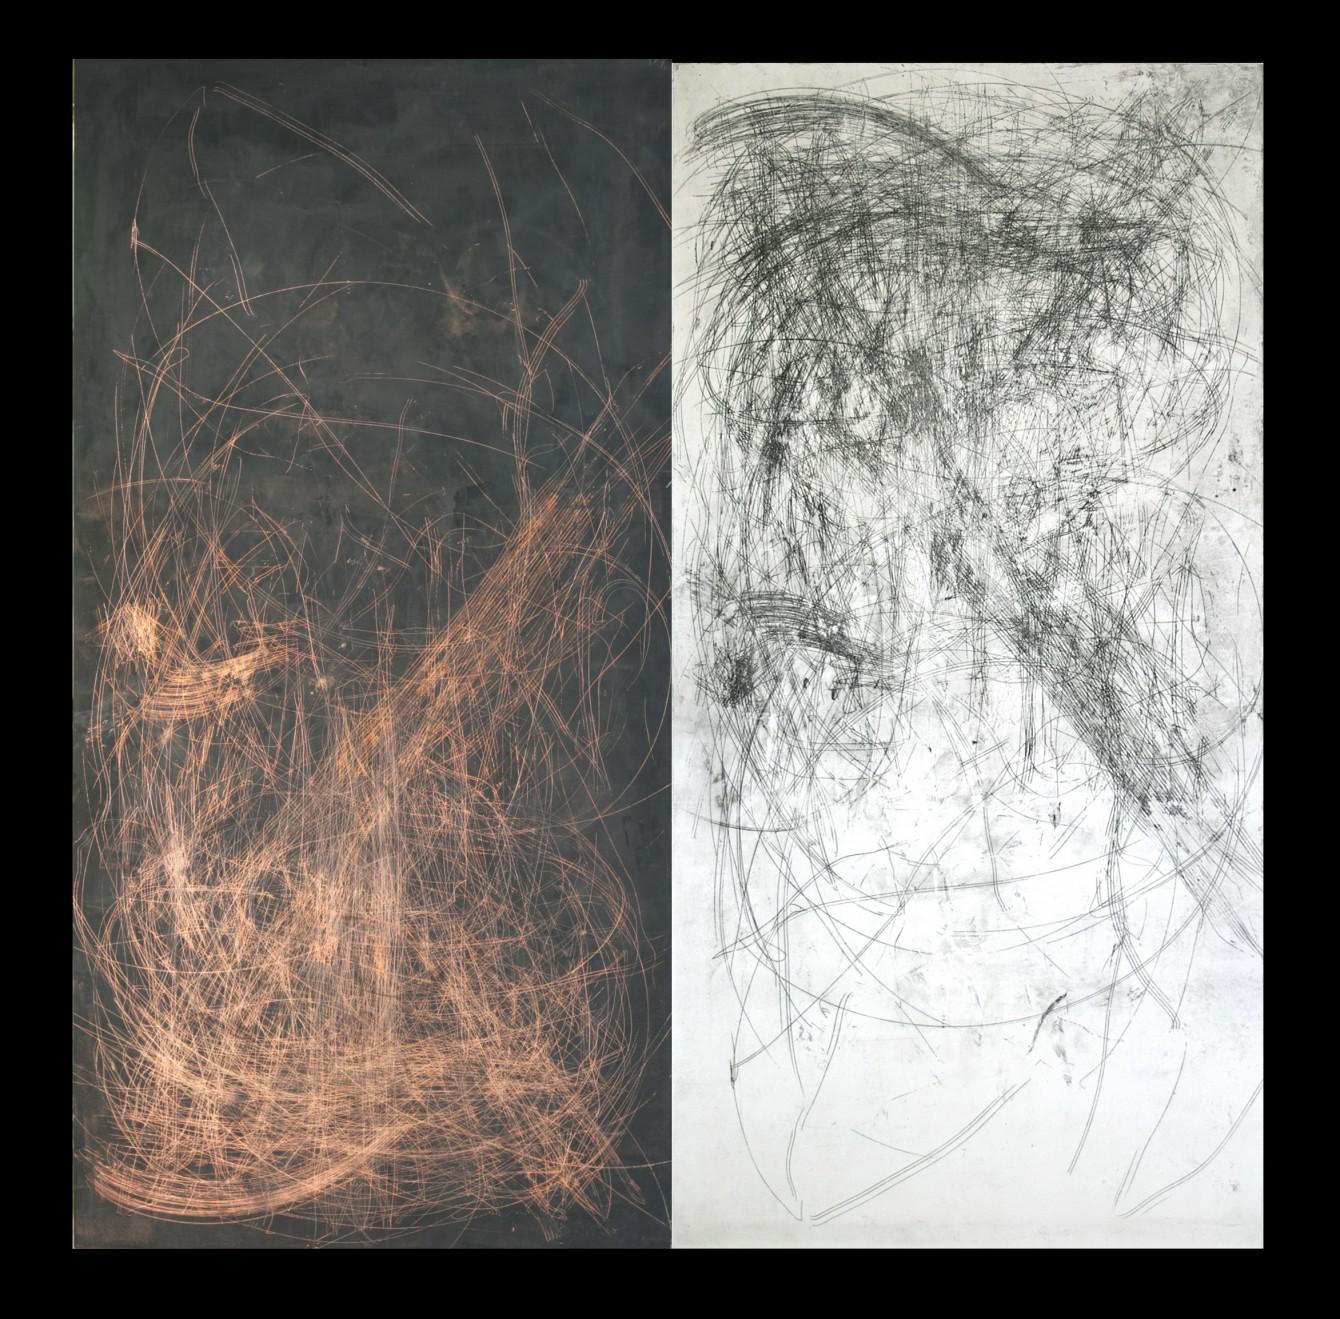 Sketching/searching